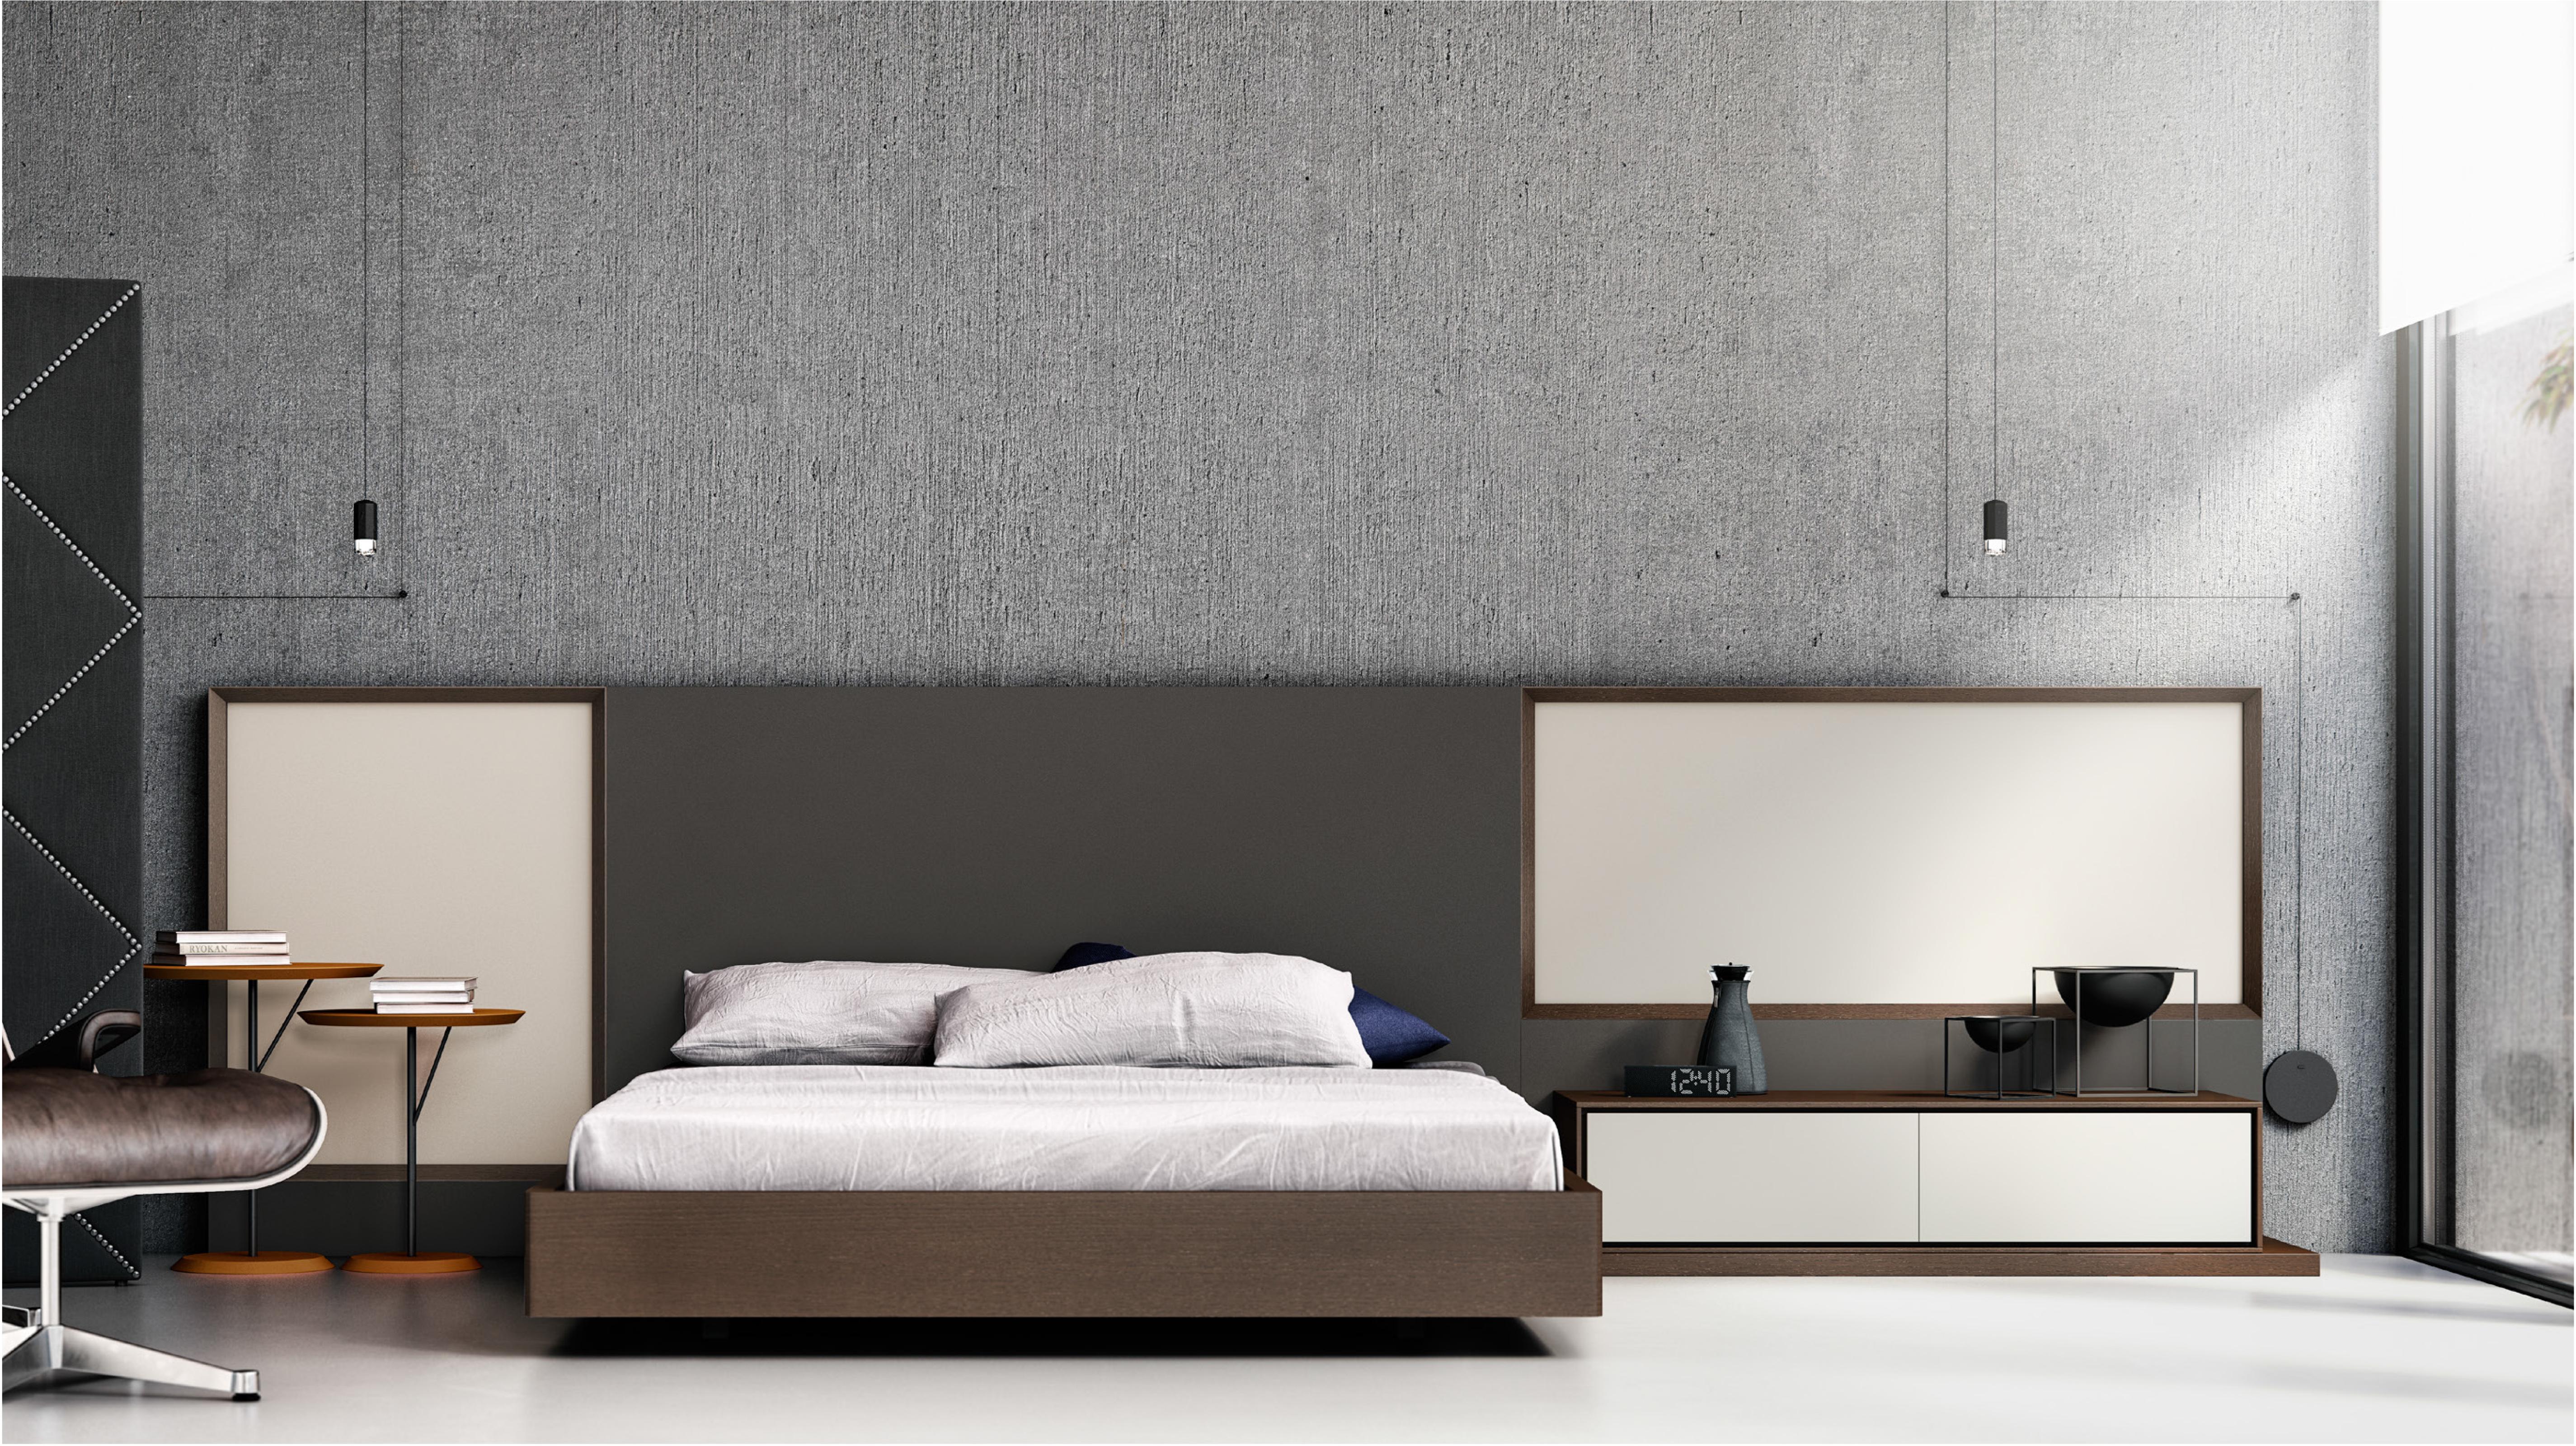 Nueva colecci n dormitorios 2016 tendencias dise o for Tendencias en diseno de interiores 2016